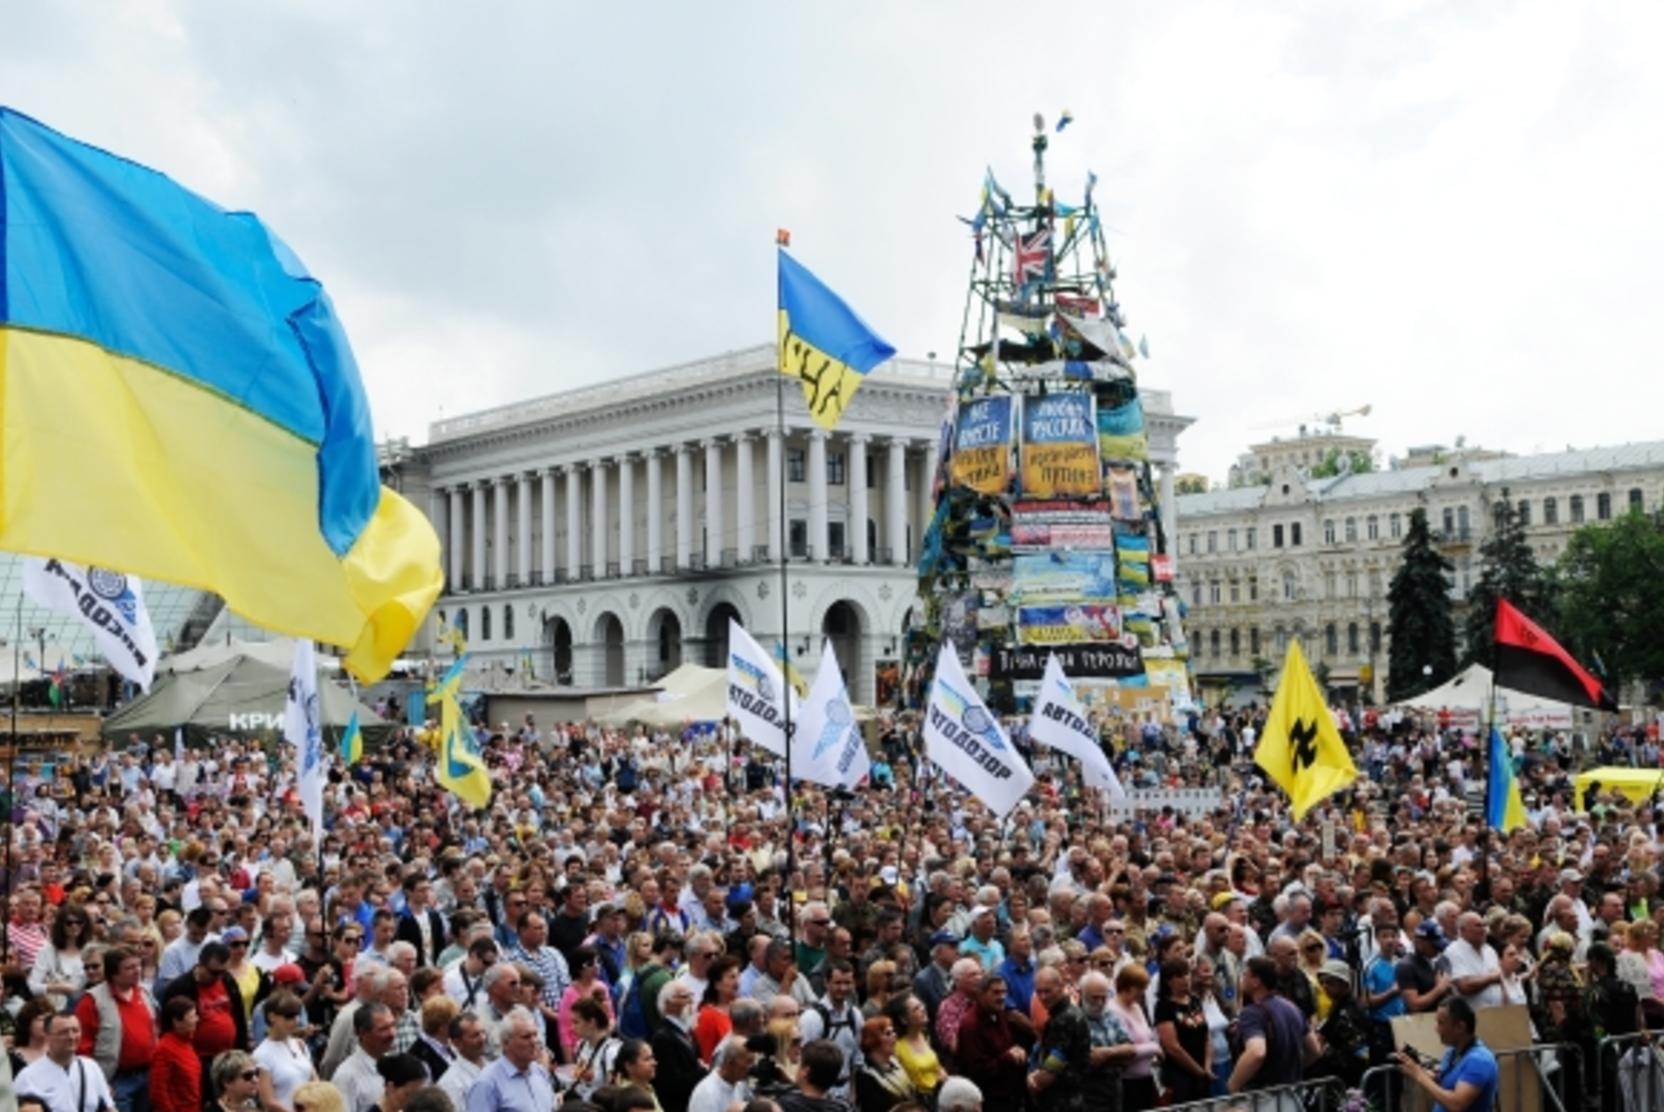 Украинская оппозиция призвала переоценить итоги майдана после беспорядков в Капитолии США